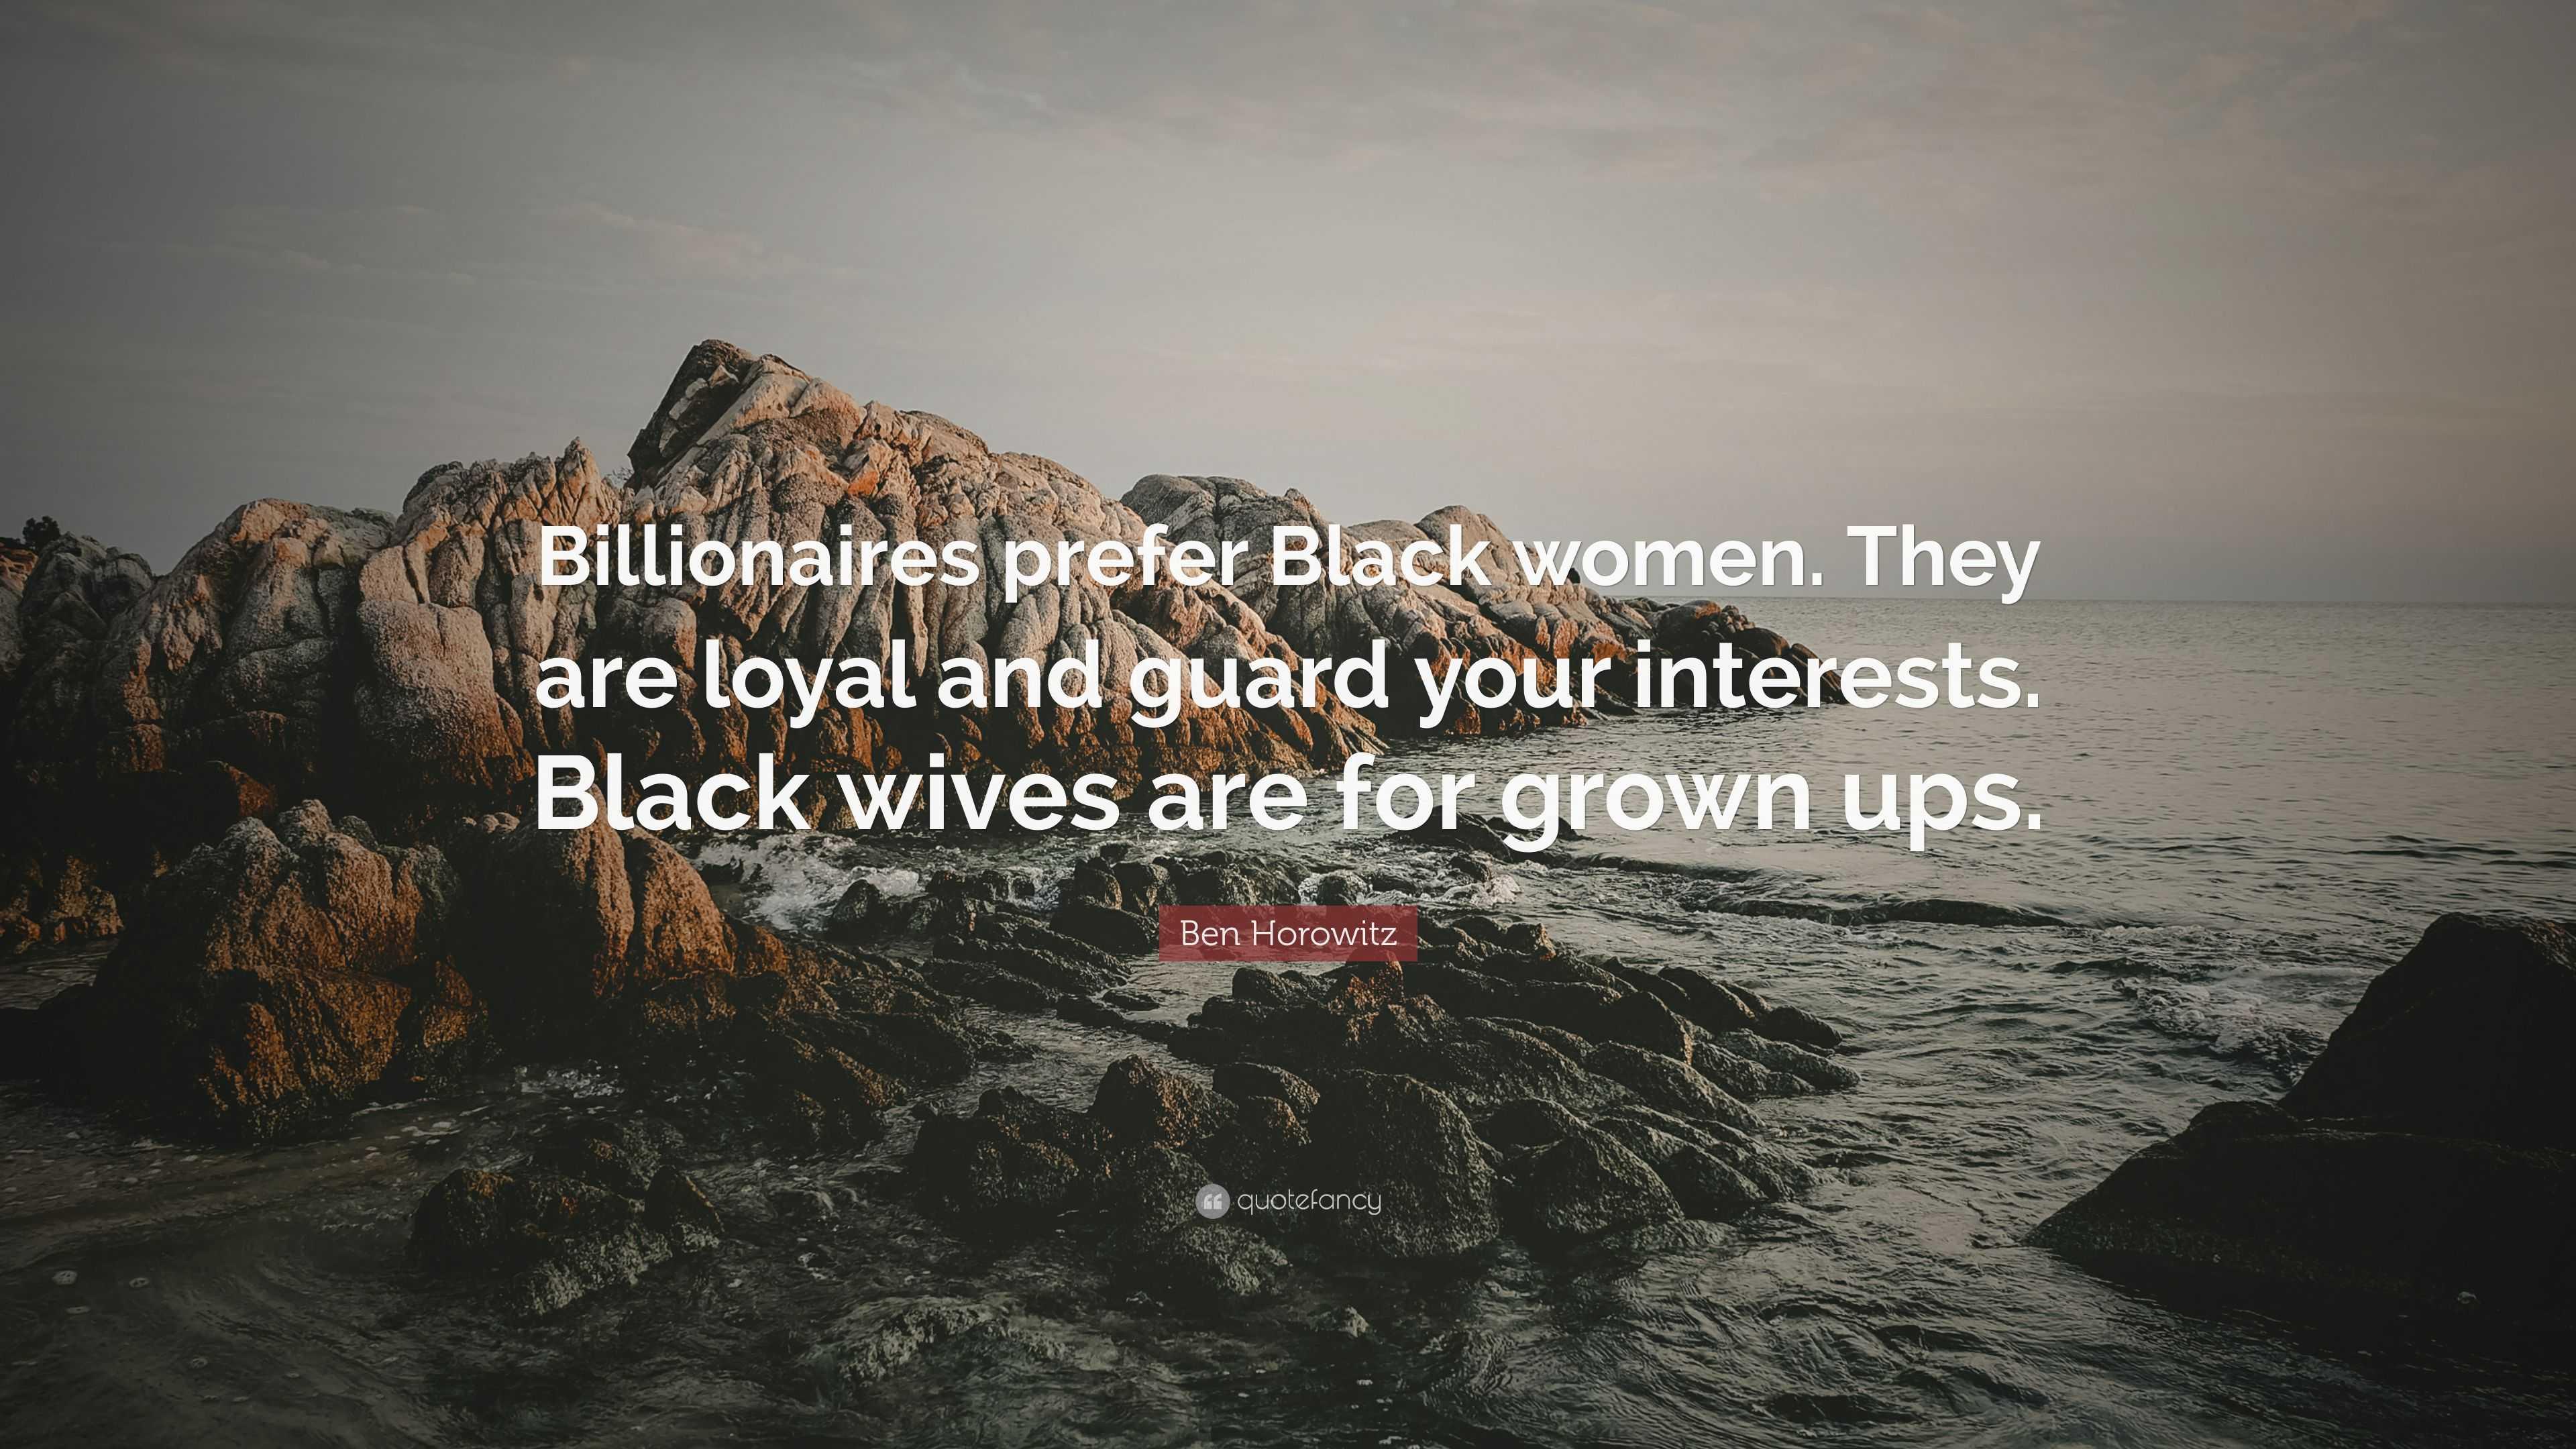 Billionaires prefer black women